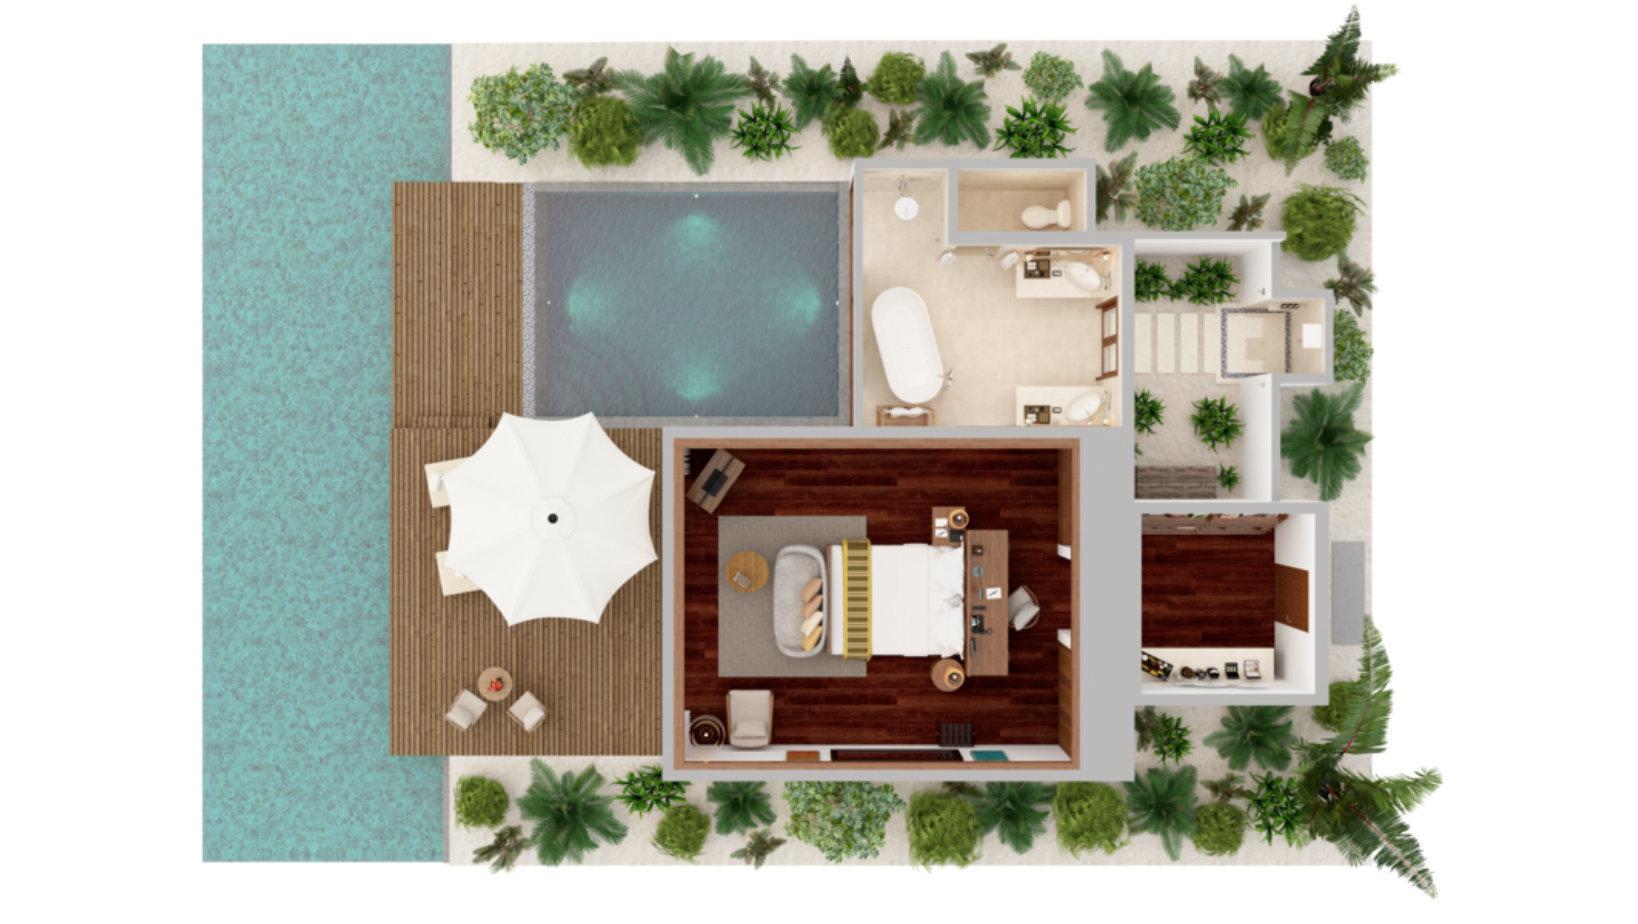 Мальдивы, отель Anantara Veli Resort, план-схема номера Ocean Pool Bungalow